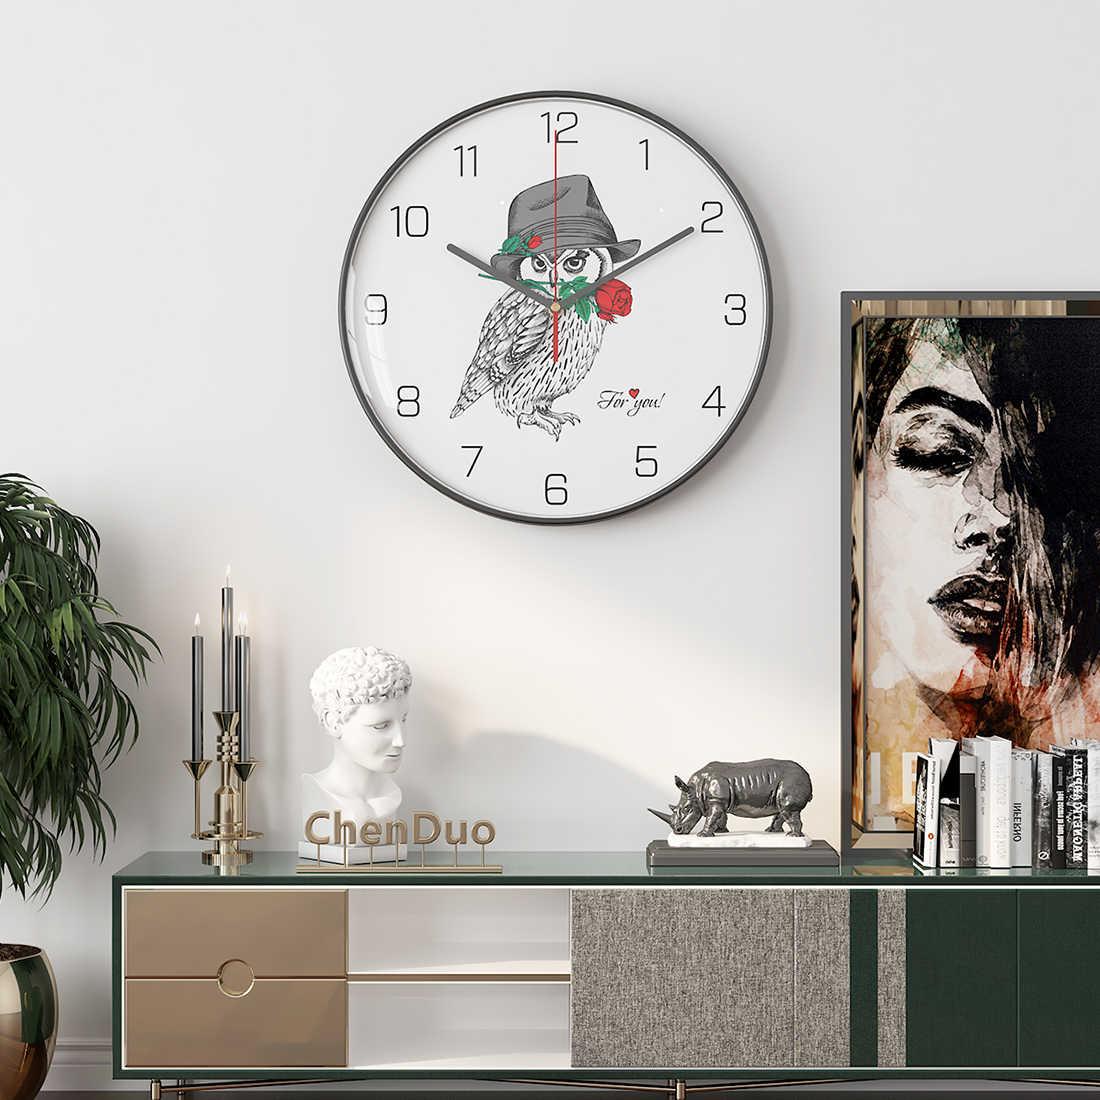 12 นิ้ว 30 ซม.สัตว์รูปแบบเงียบแขวนนาฬิกาผนังตกแต่งกรอบโลหะสีดำ-นกฮูก /ลูกสุนัขบางประเภท